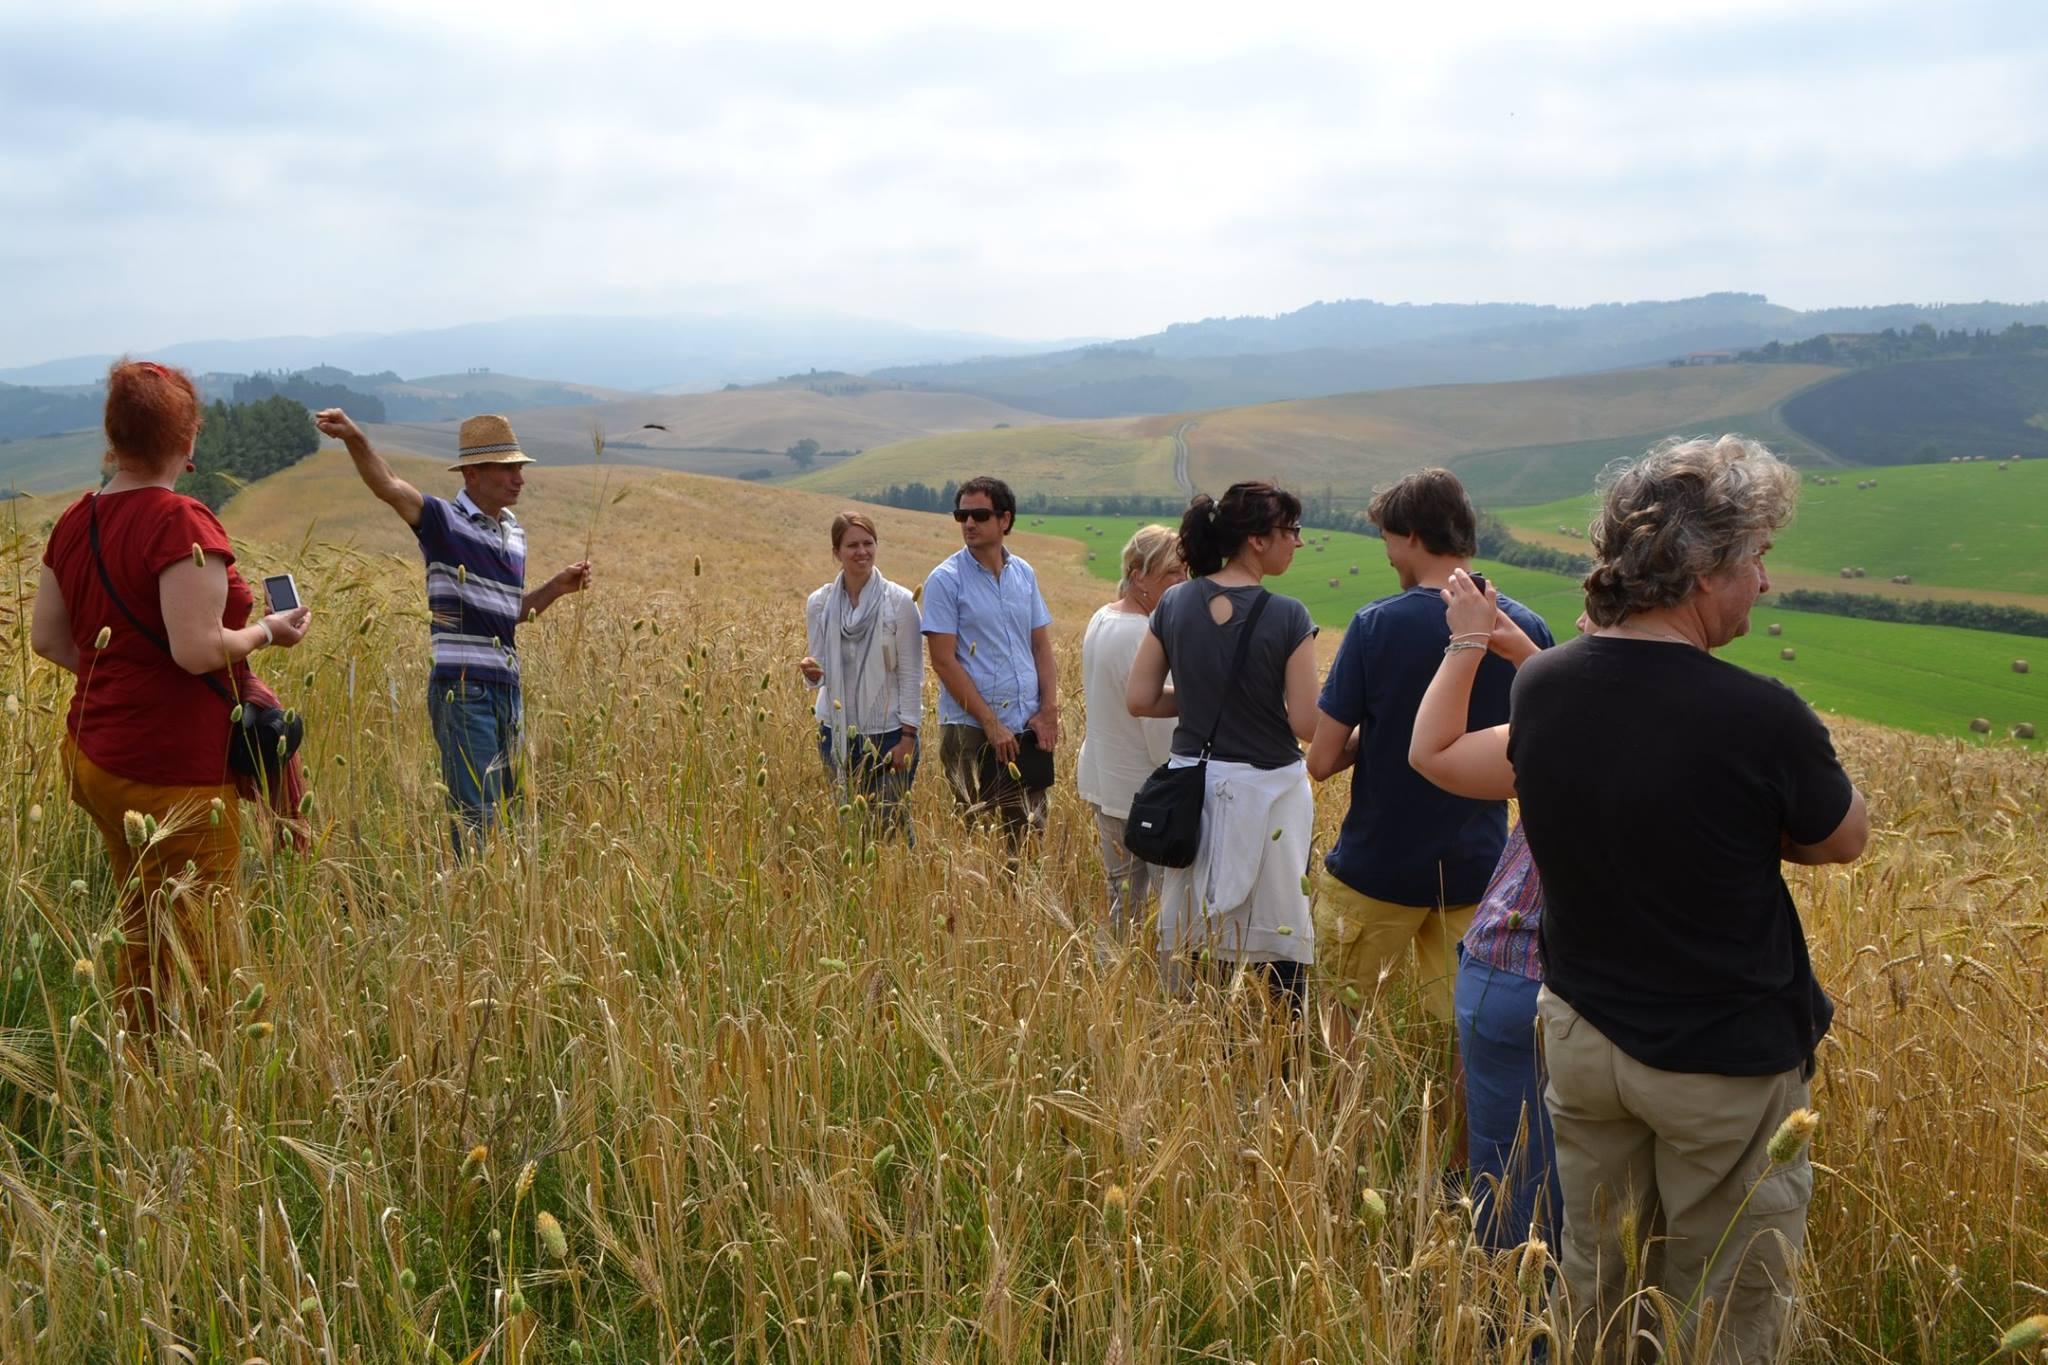 """Al Centro """"E. Avanzi"""" cinque giornate per l'agricoltura sociale e sostenibile"""